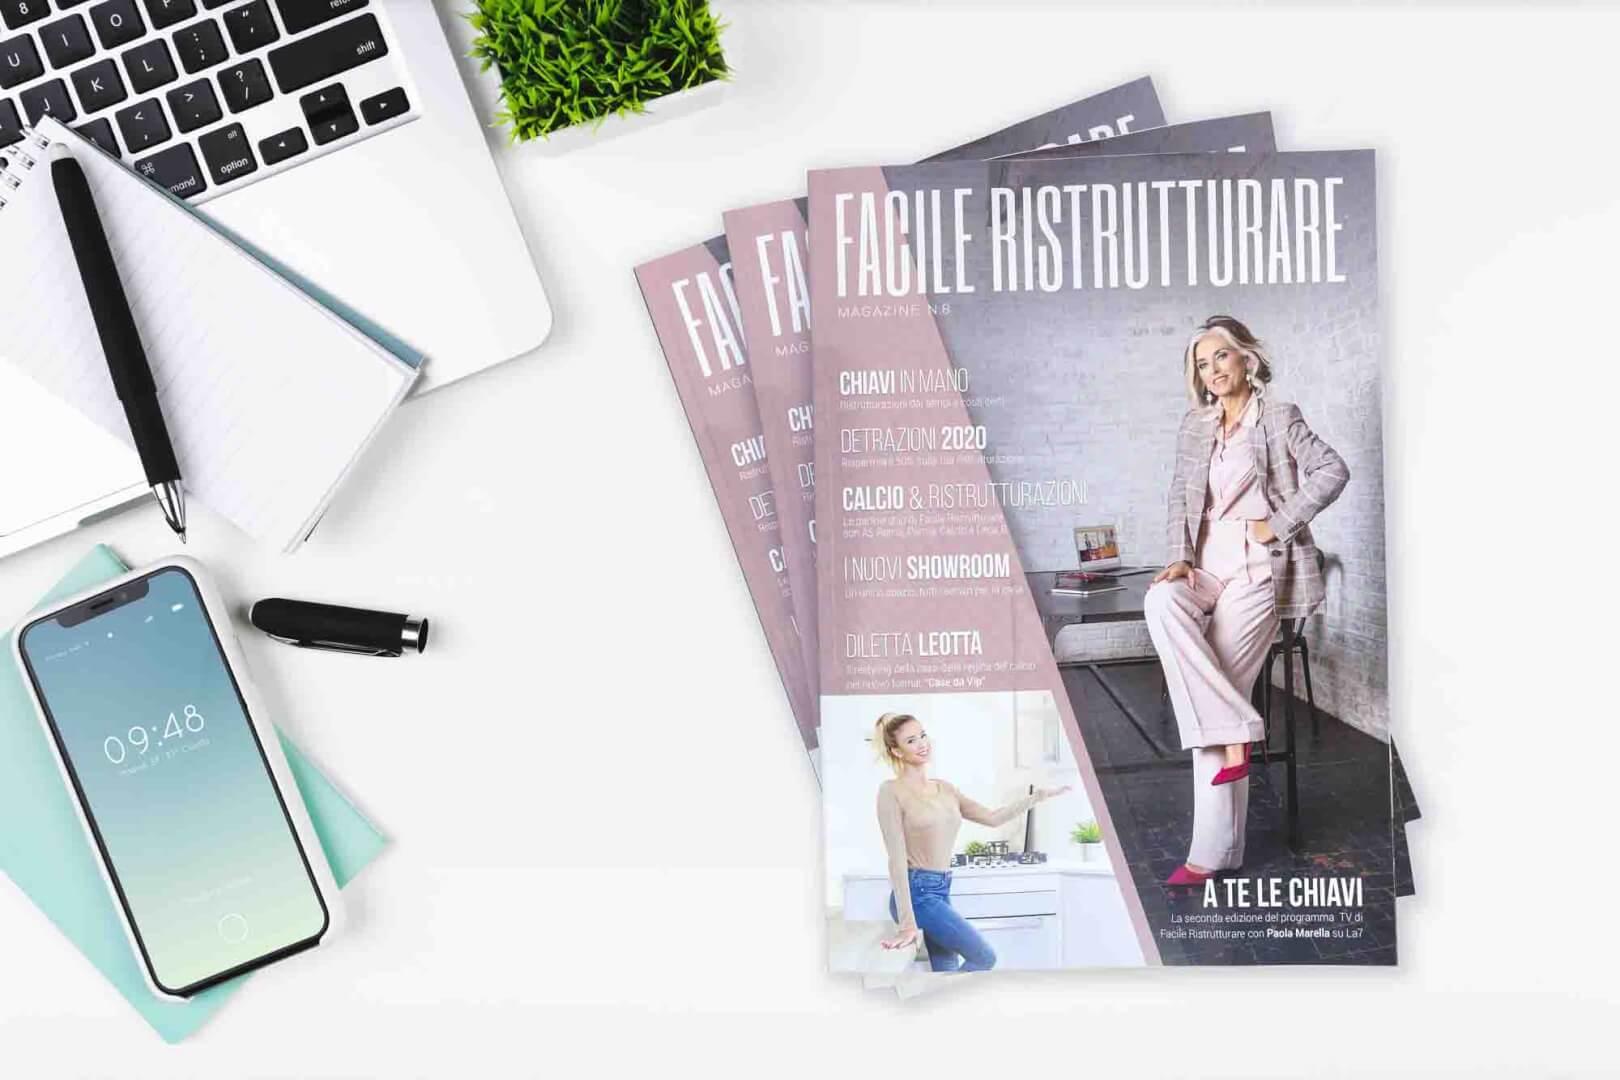 Nuovo magazine 2020 di Facile Ristrutturare